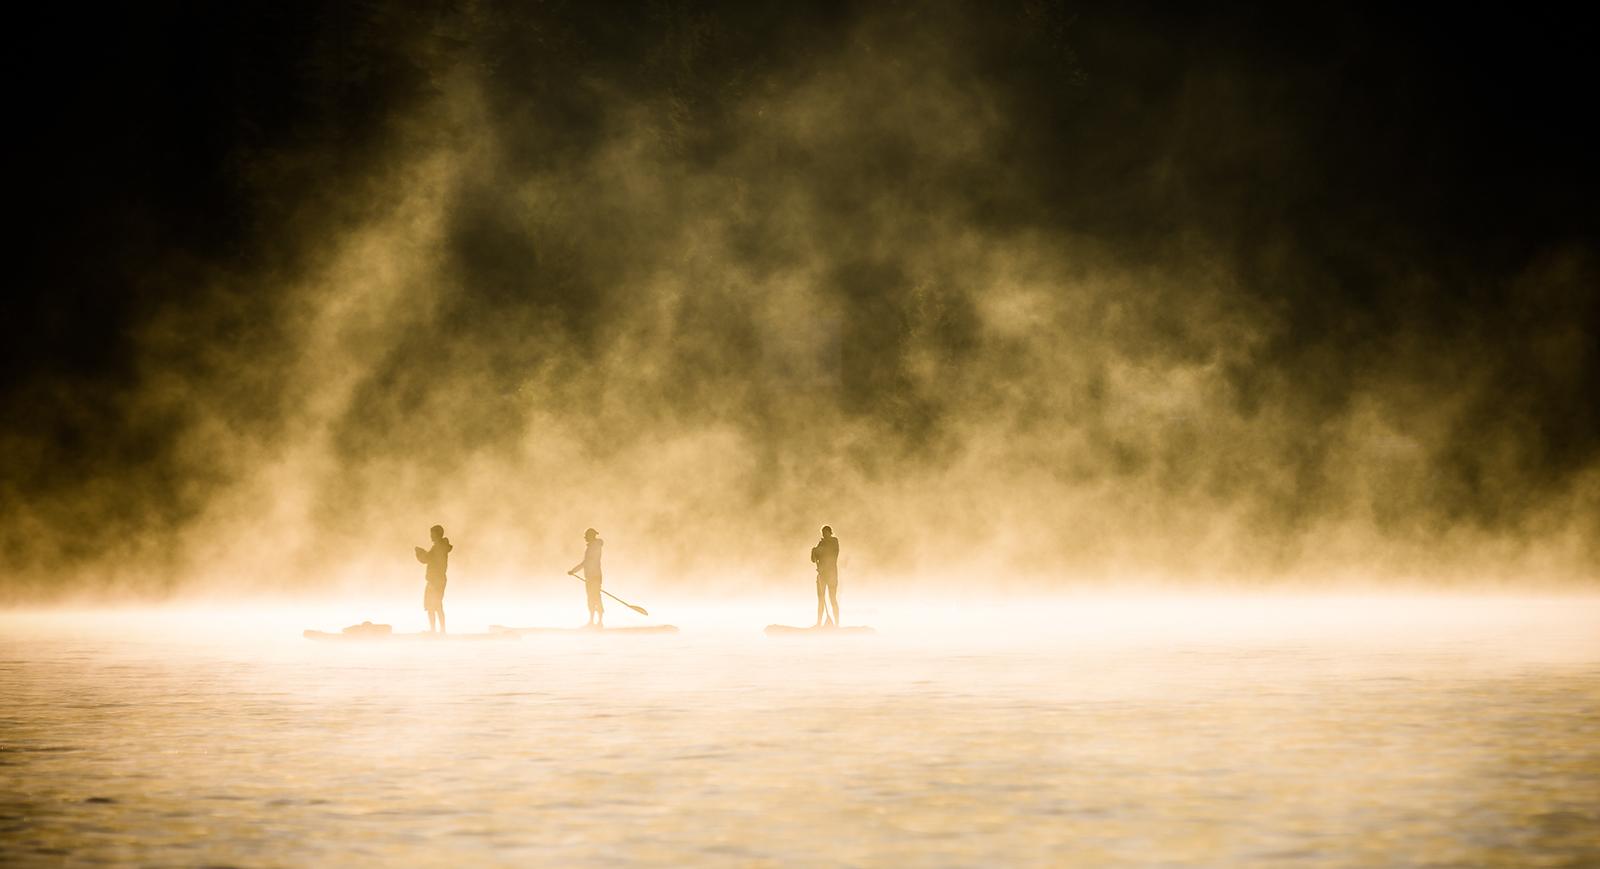 Eerie: Matthew-Clark